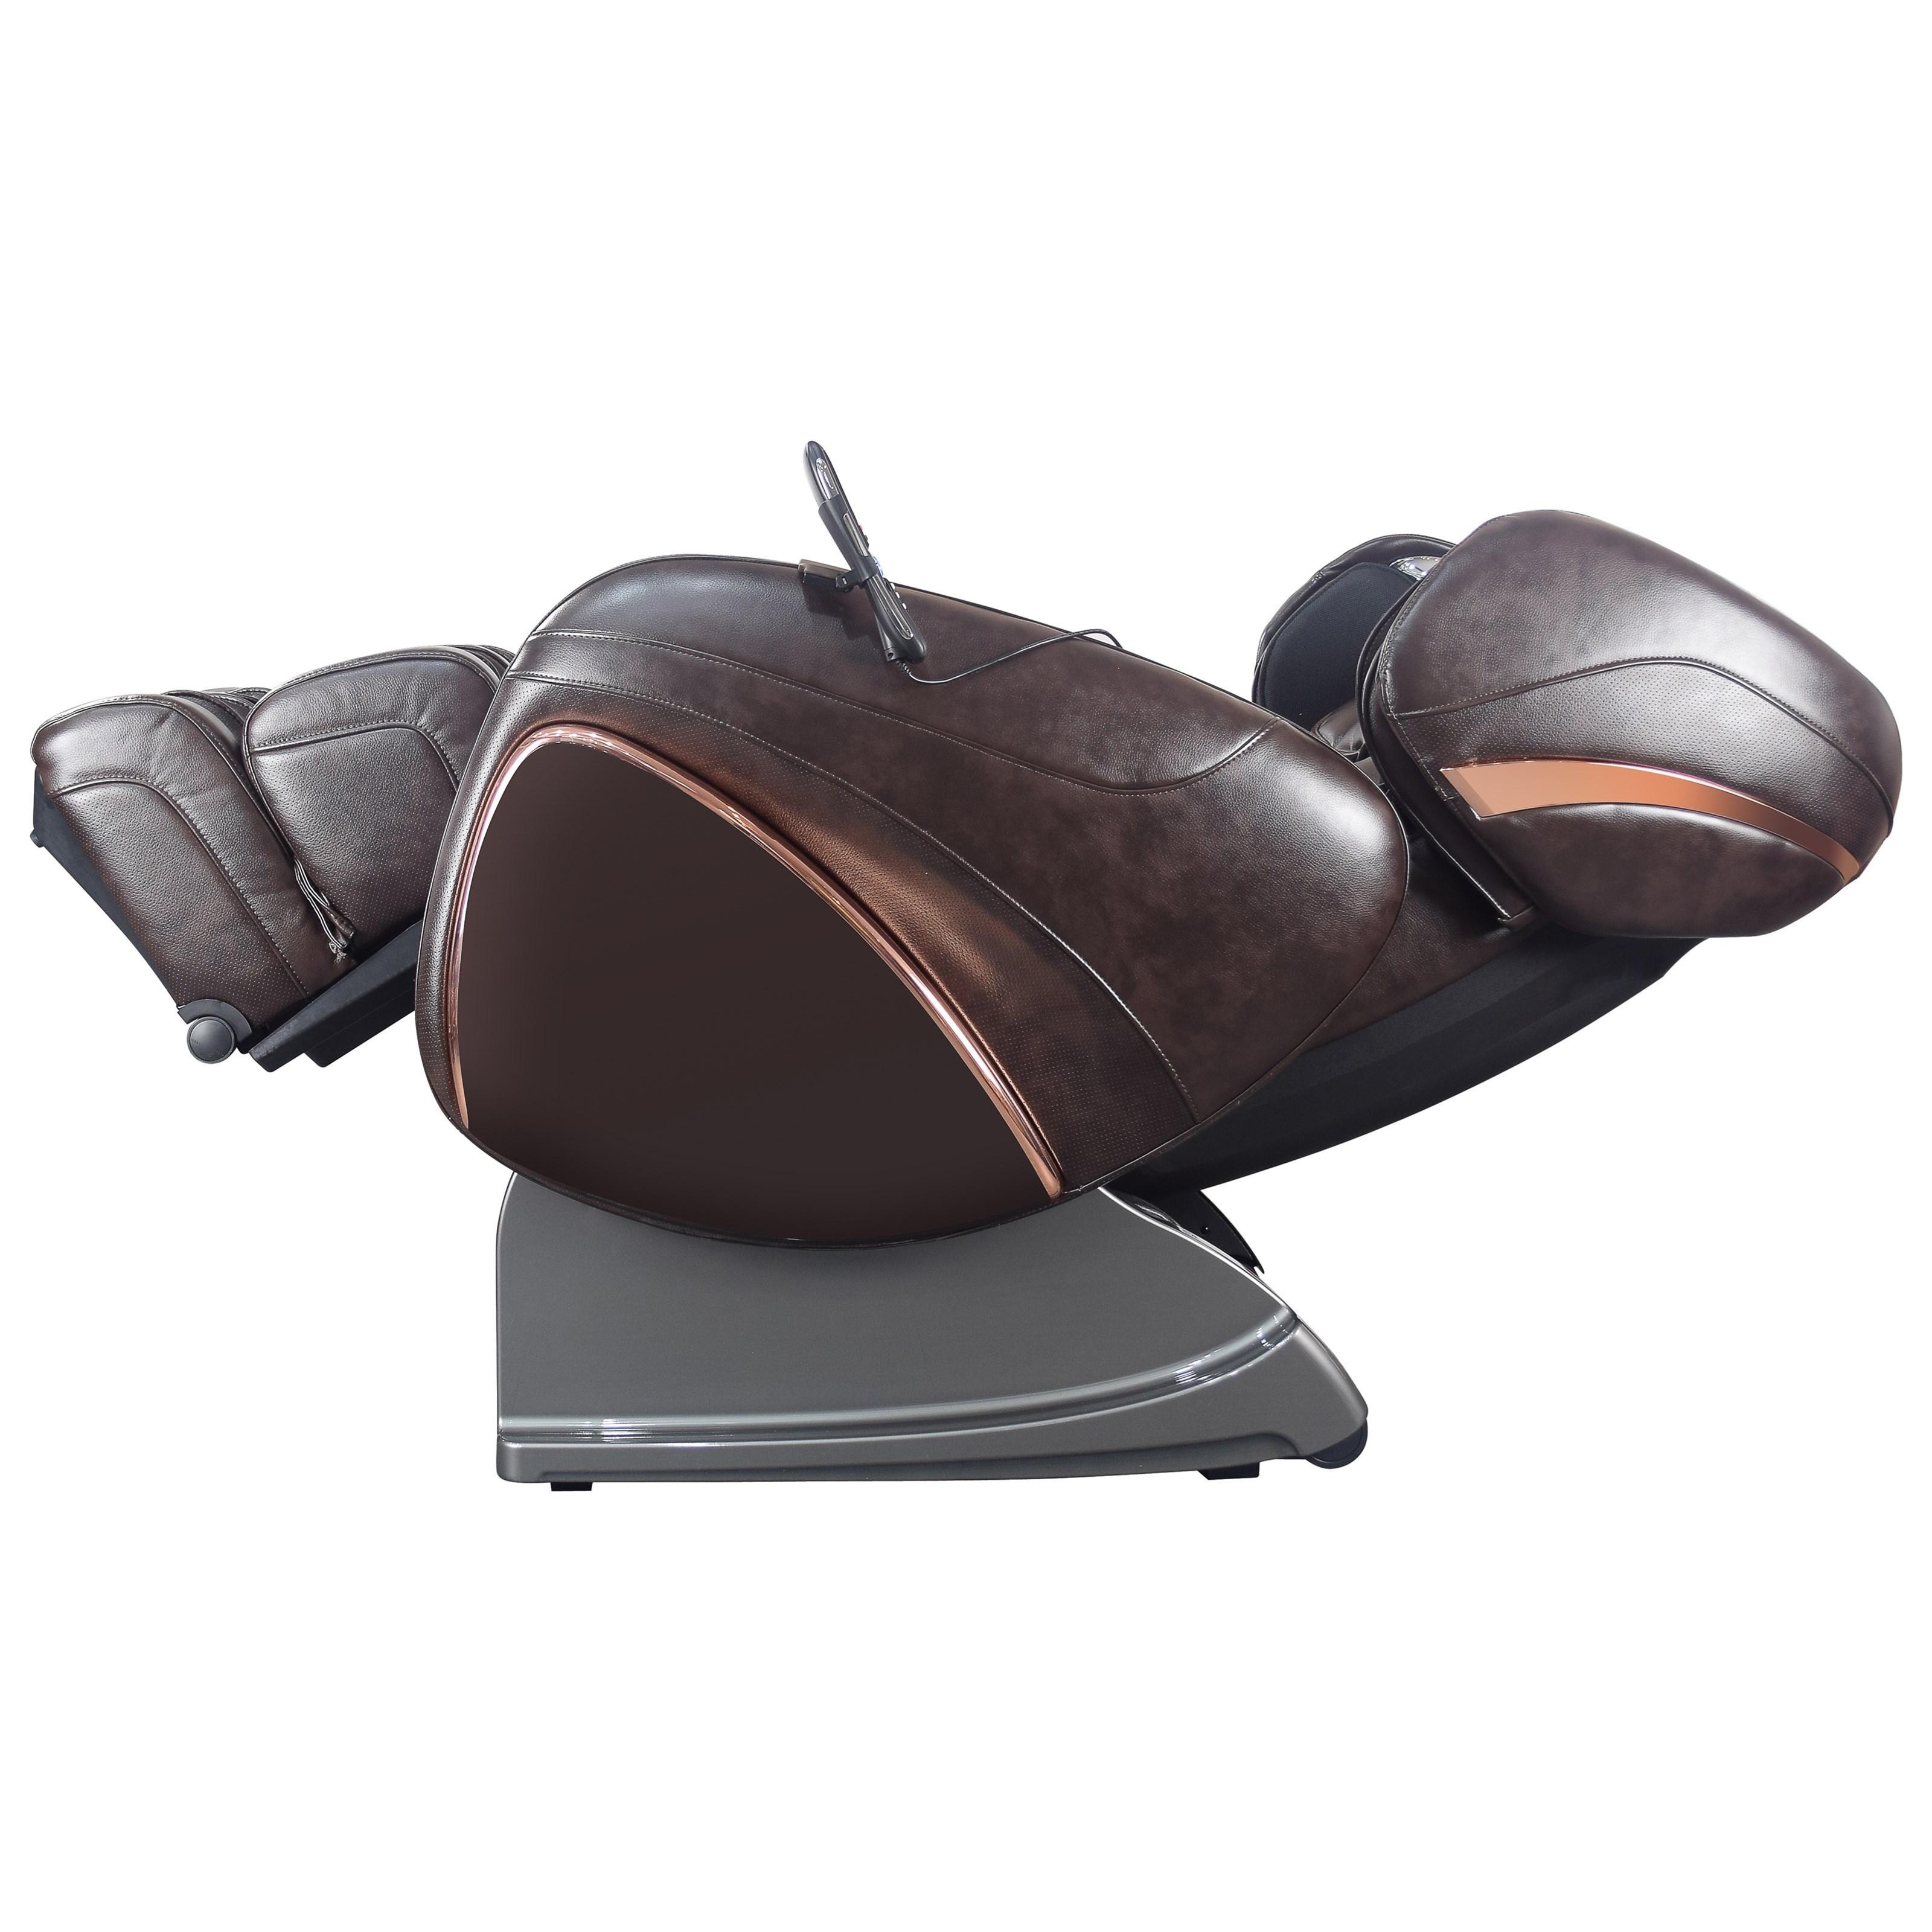 3d massage chair la z boy lift repair parts cozzia cz 628 88 reclining zero gravity